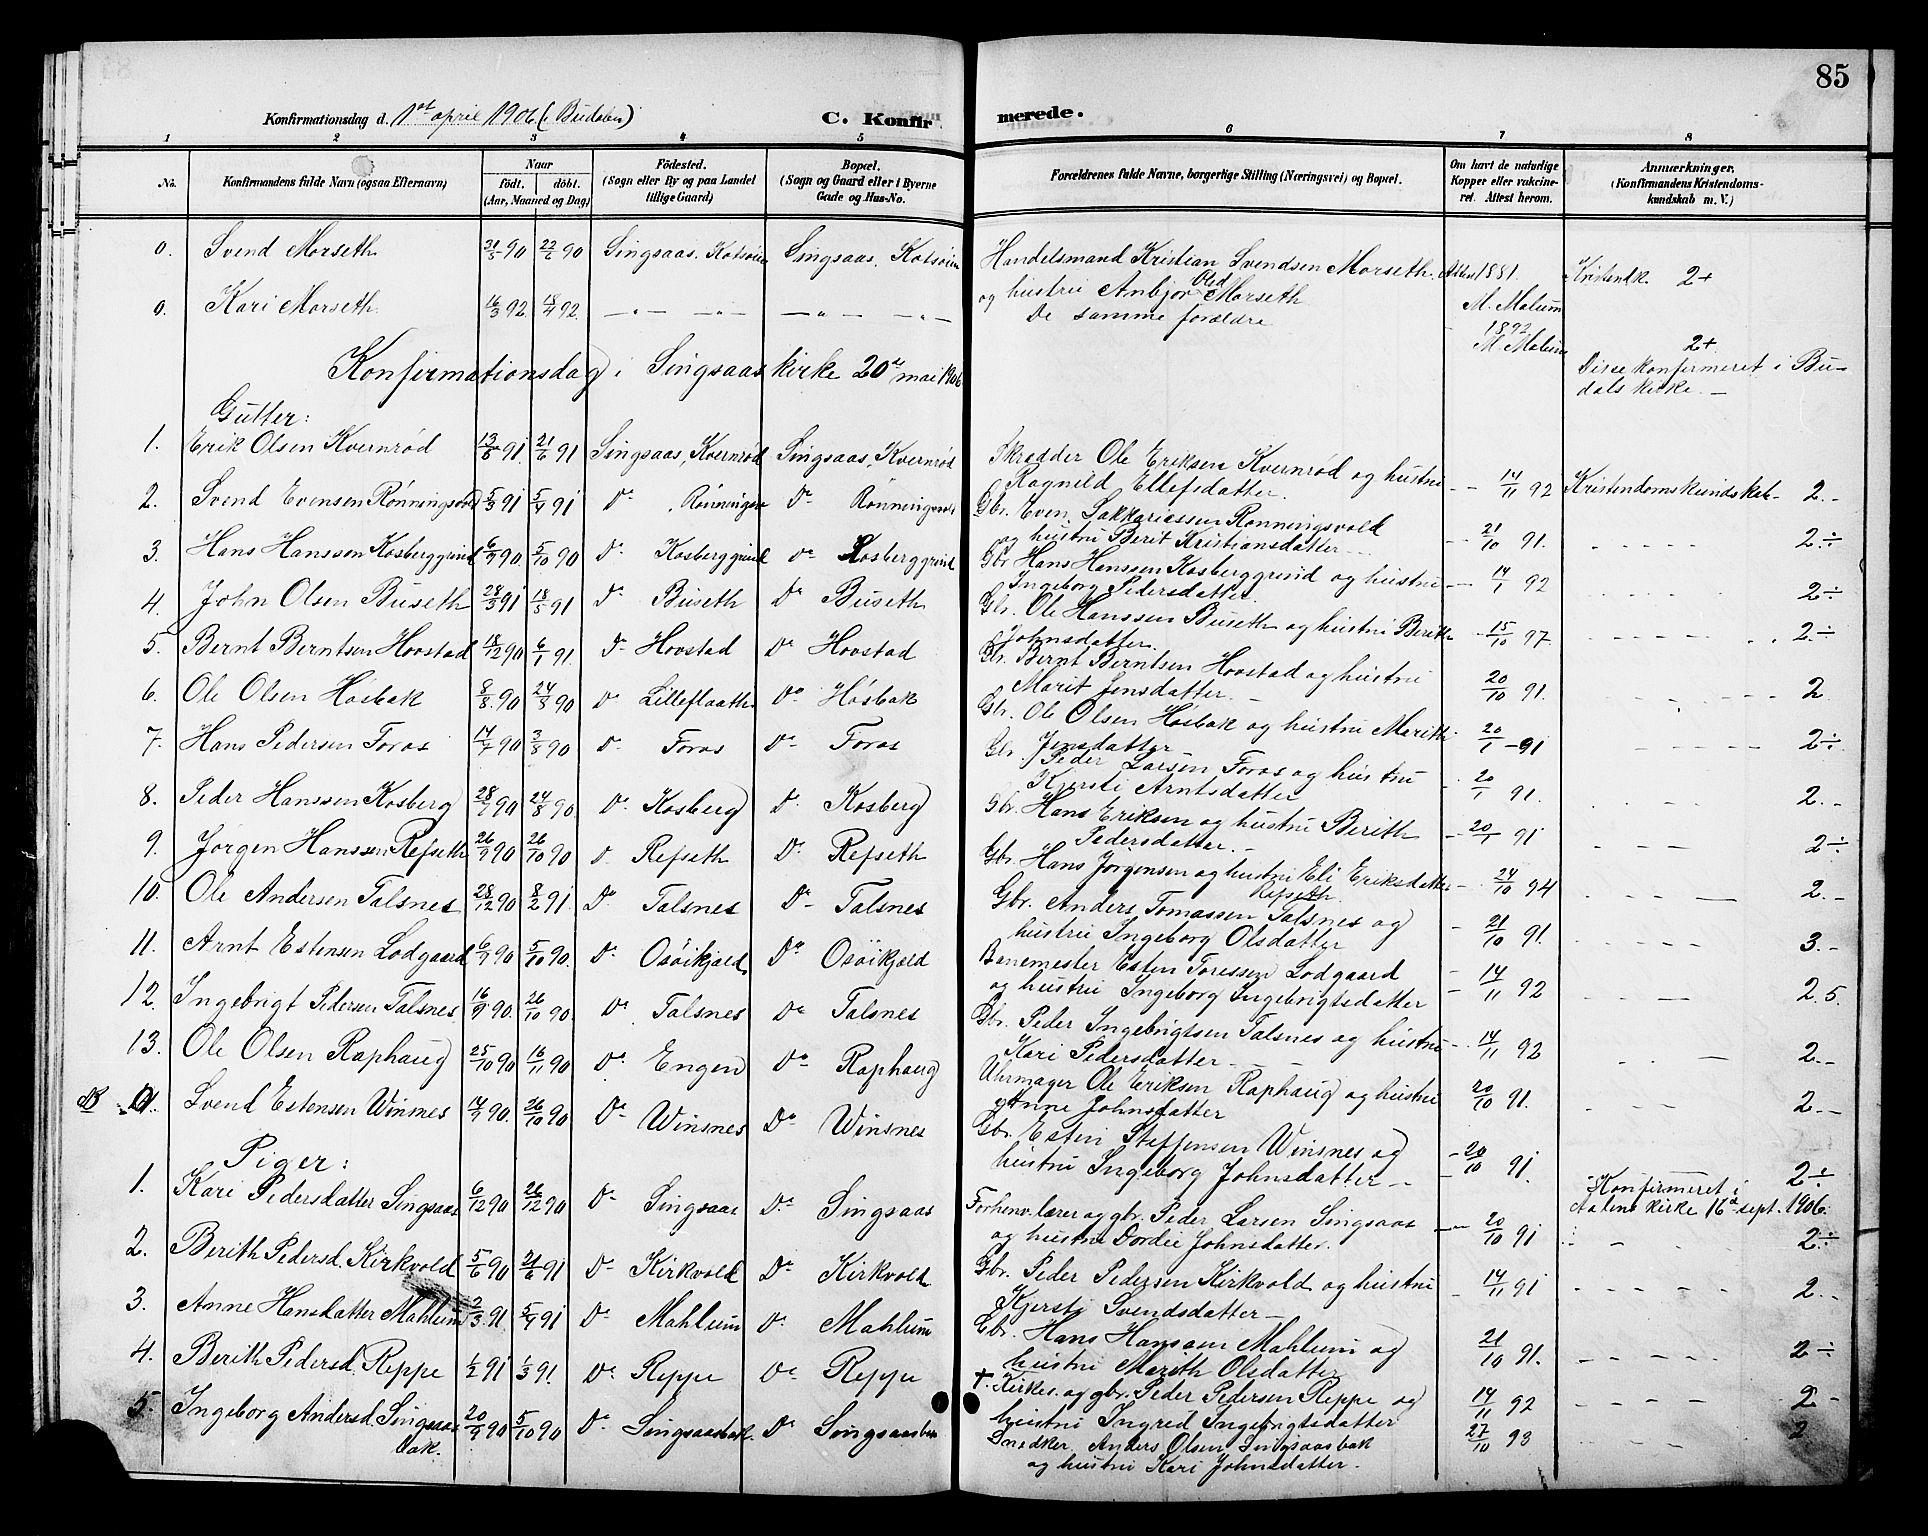 SAT, Ministerialprotokoller, klokkerbøker og fødselsregistre - Sør-Trøndelag, 688/L1029: Klokkerbok nr. 688C04, 1899-1915, s. 85